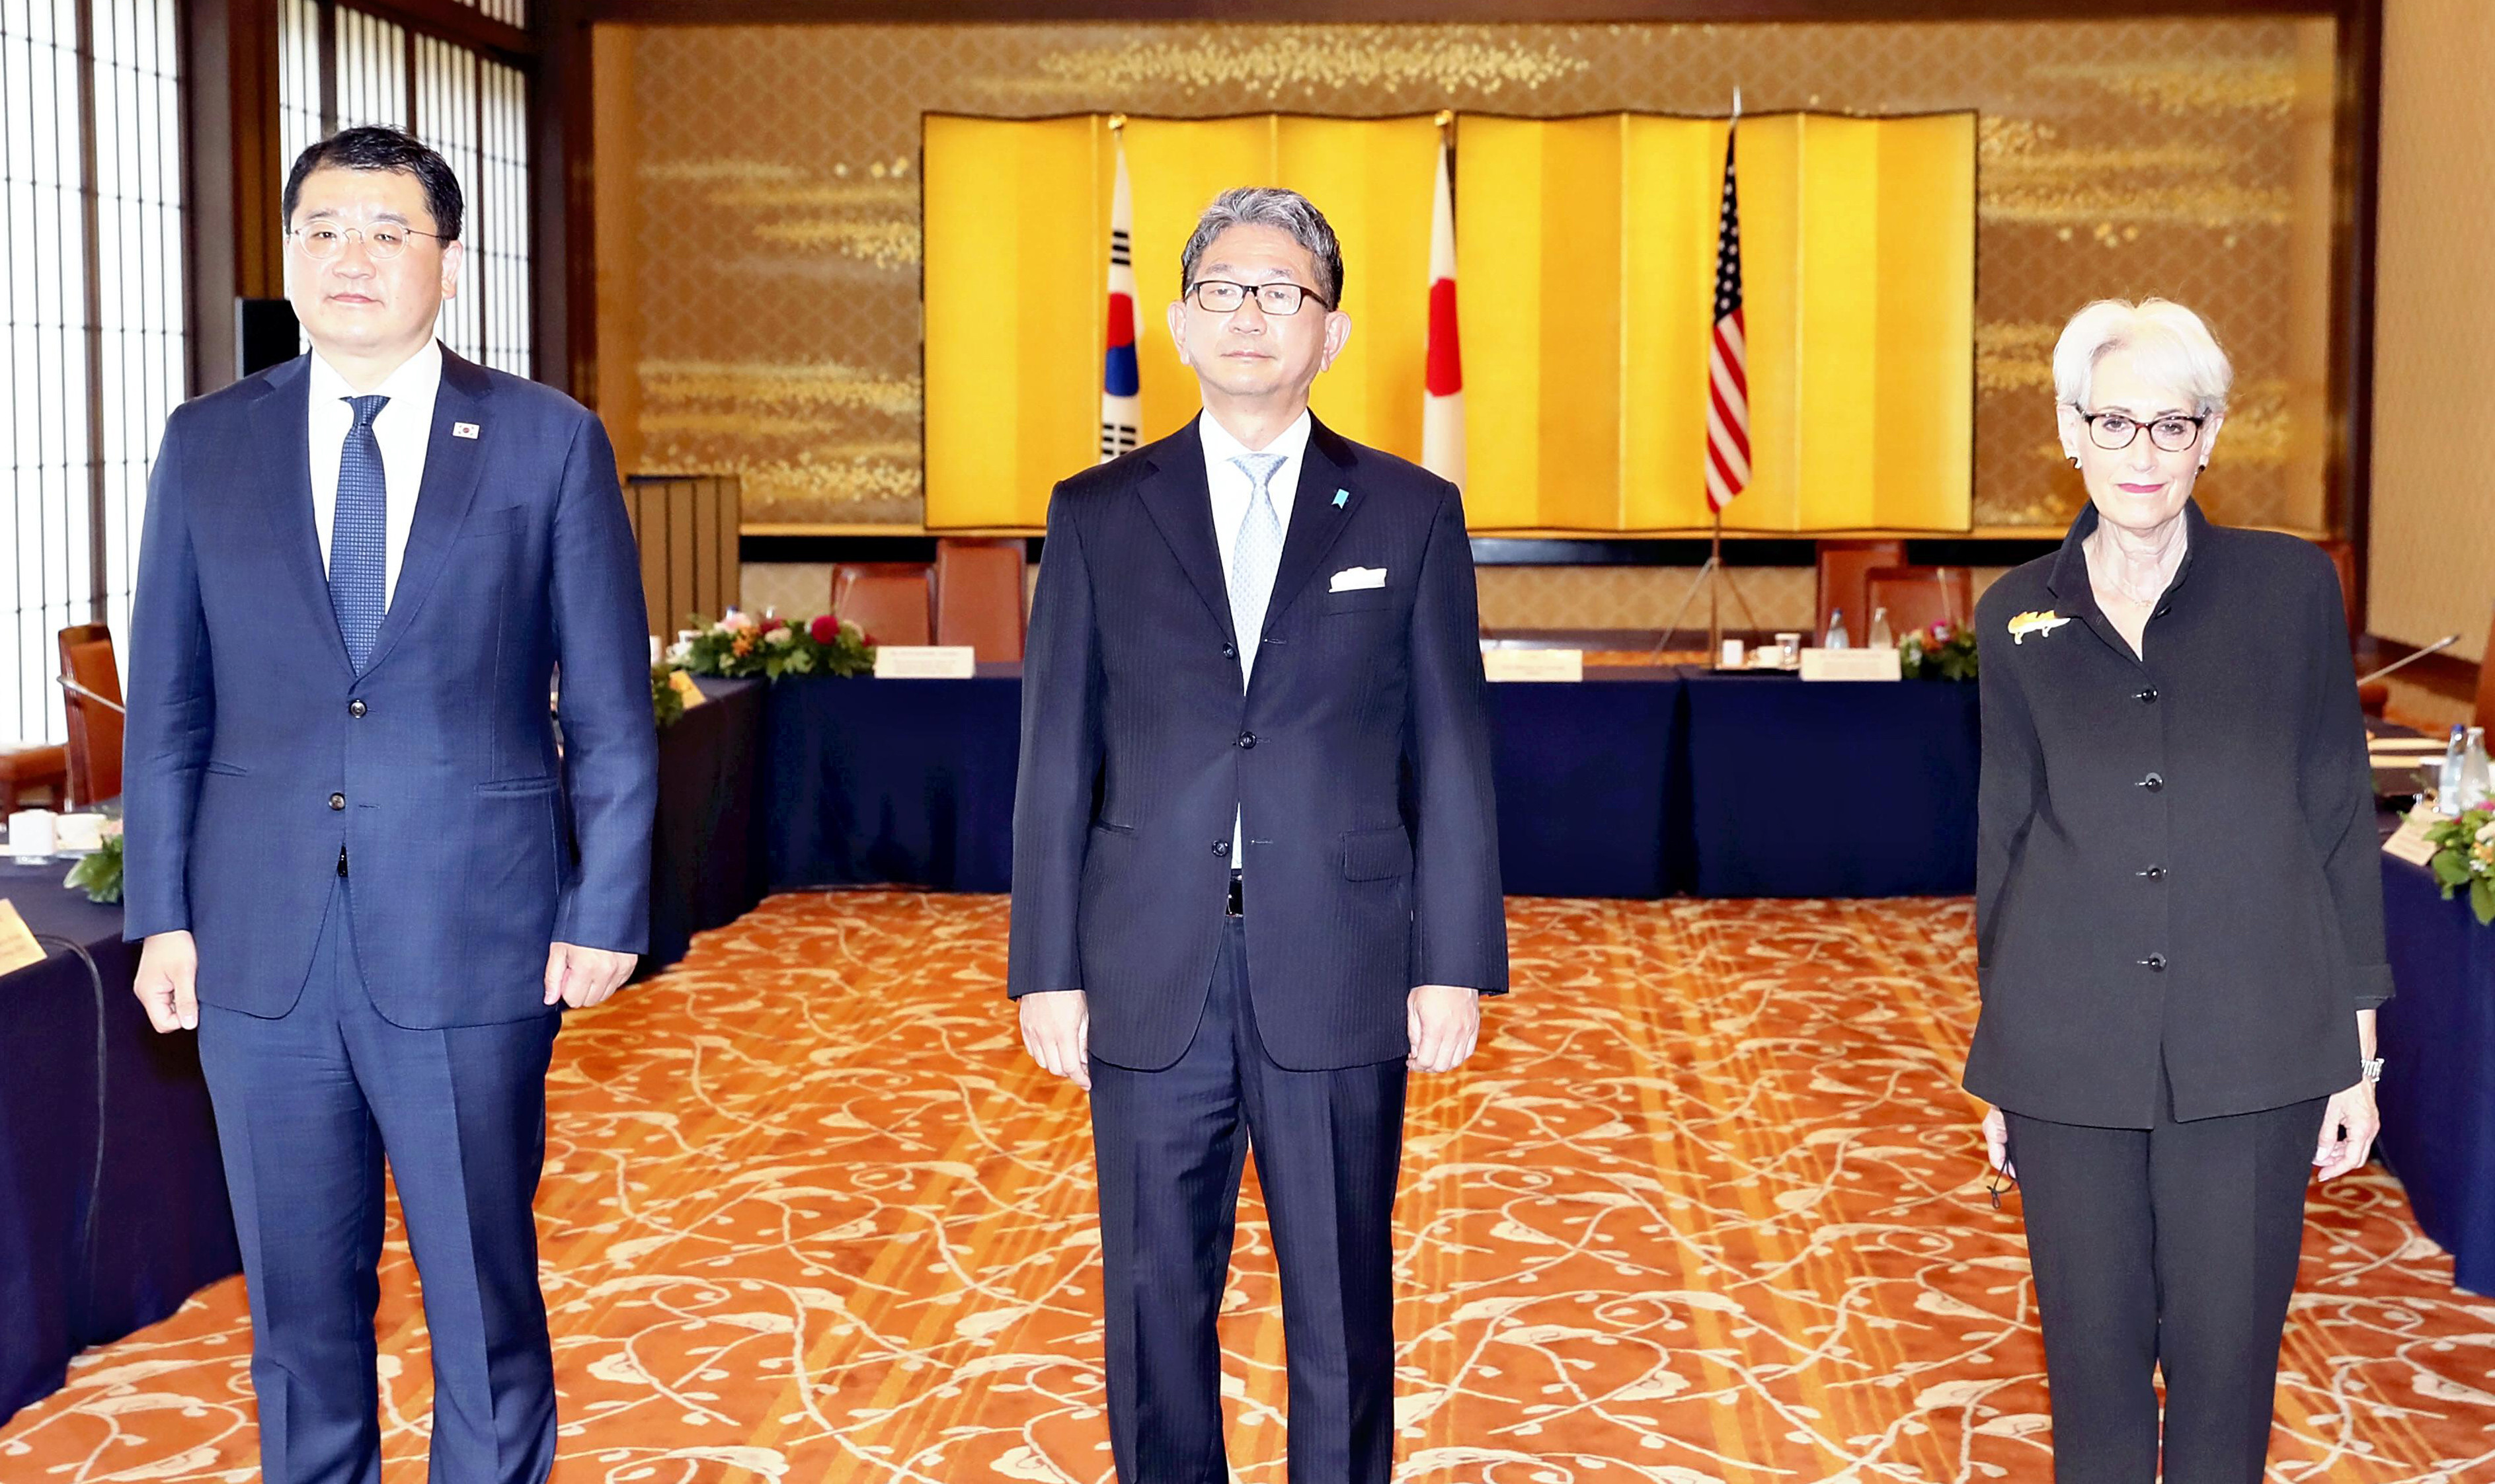 ▲▼美日韓3國外交次長在東京召開會談。由左至右依序為南韓崔鍾建、日本森健良、美國謝爾曼。(圖/達志影像/美聯社)